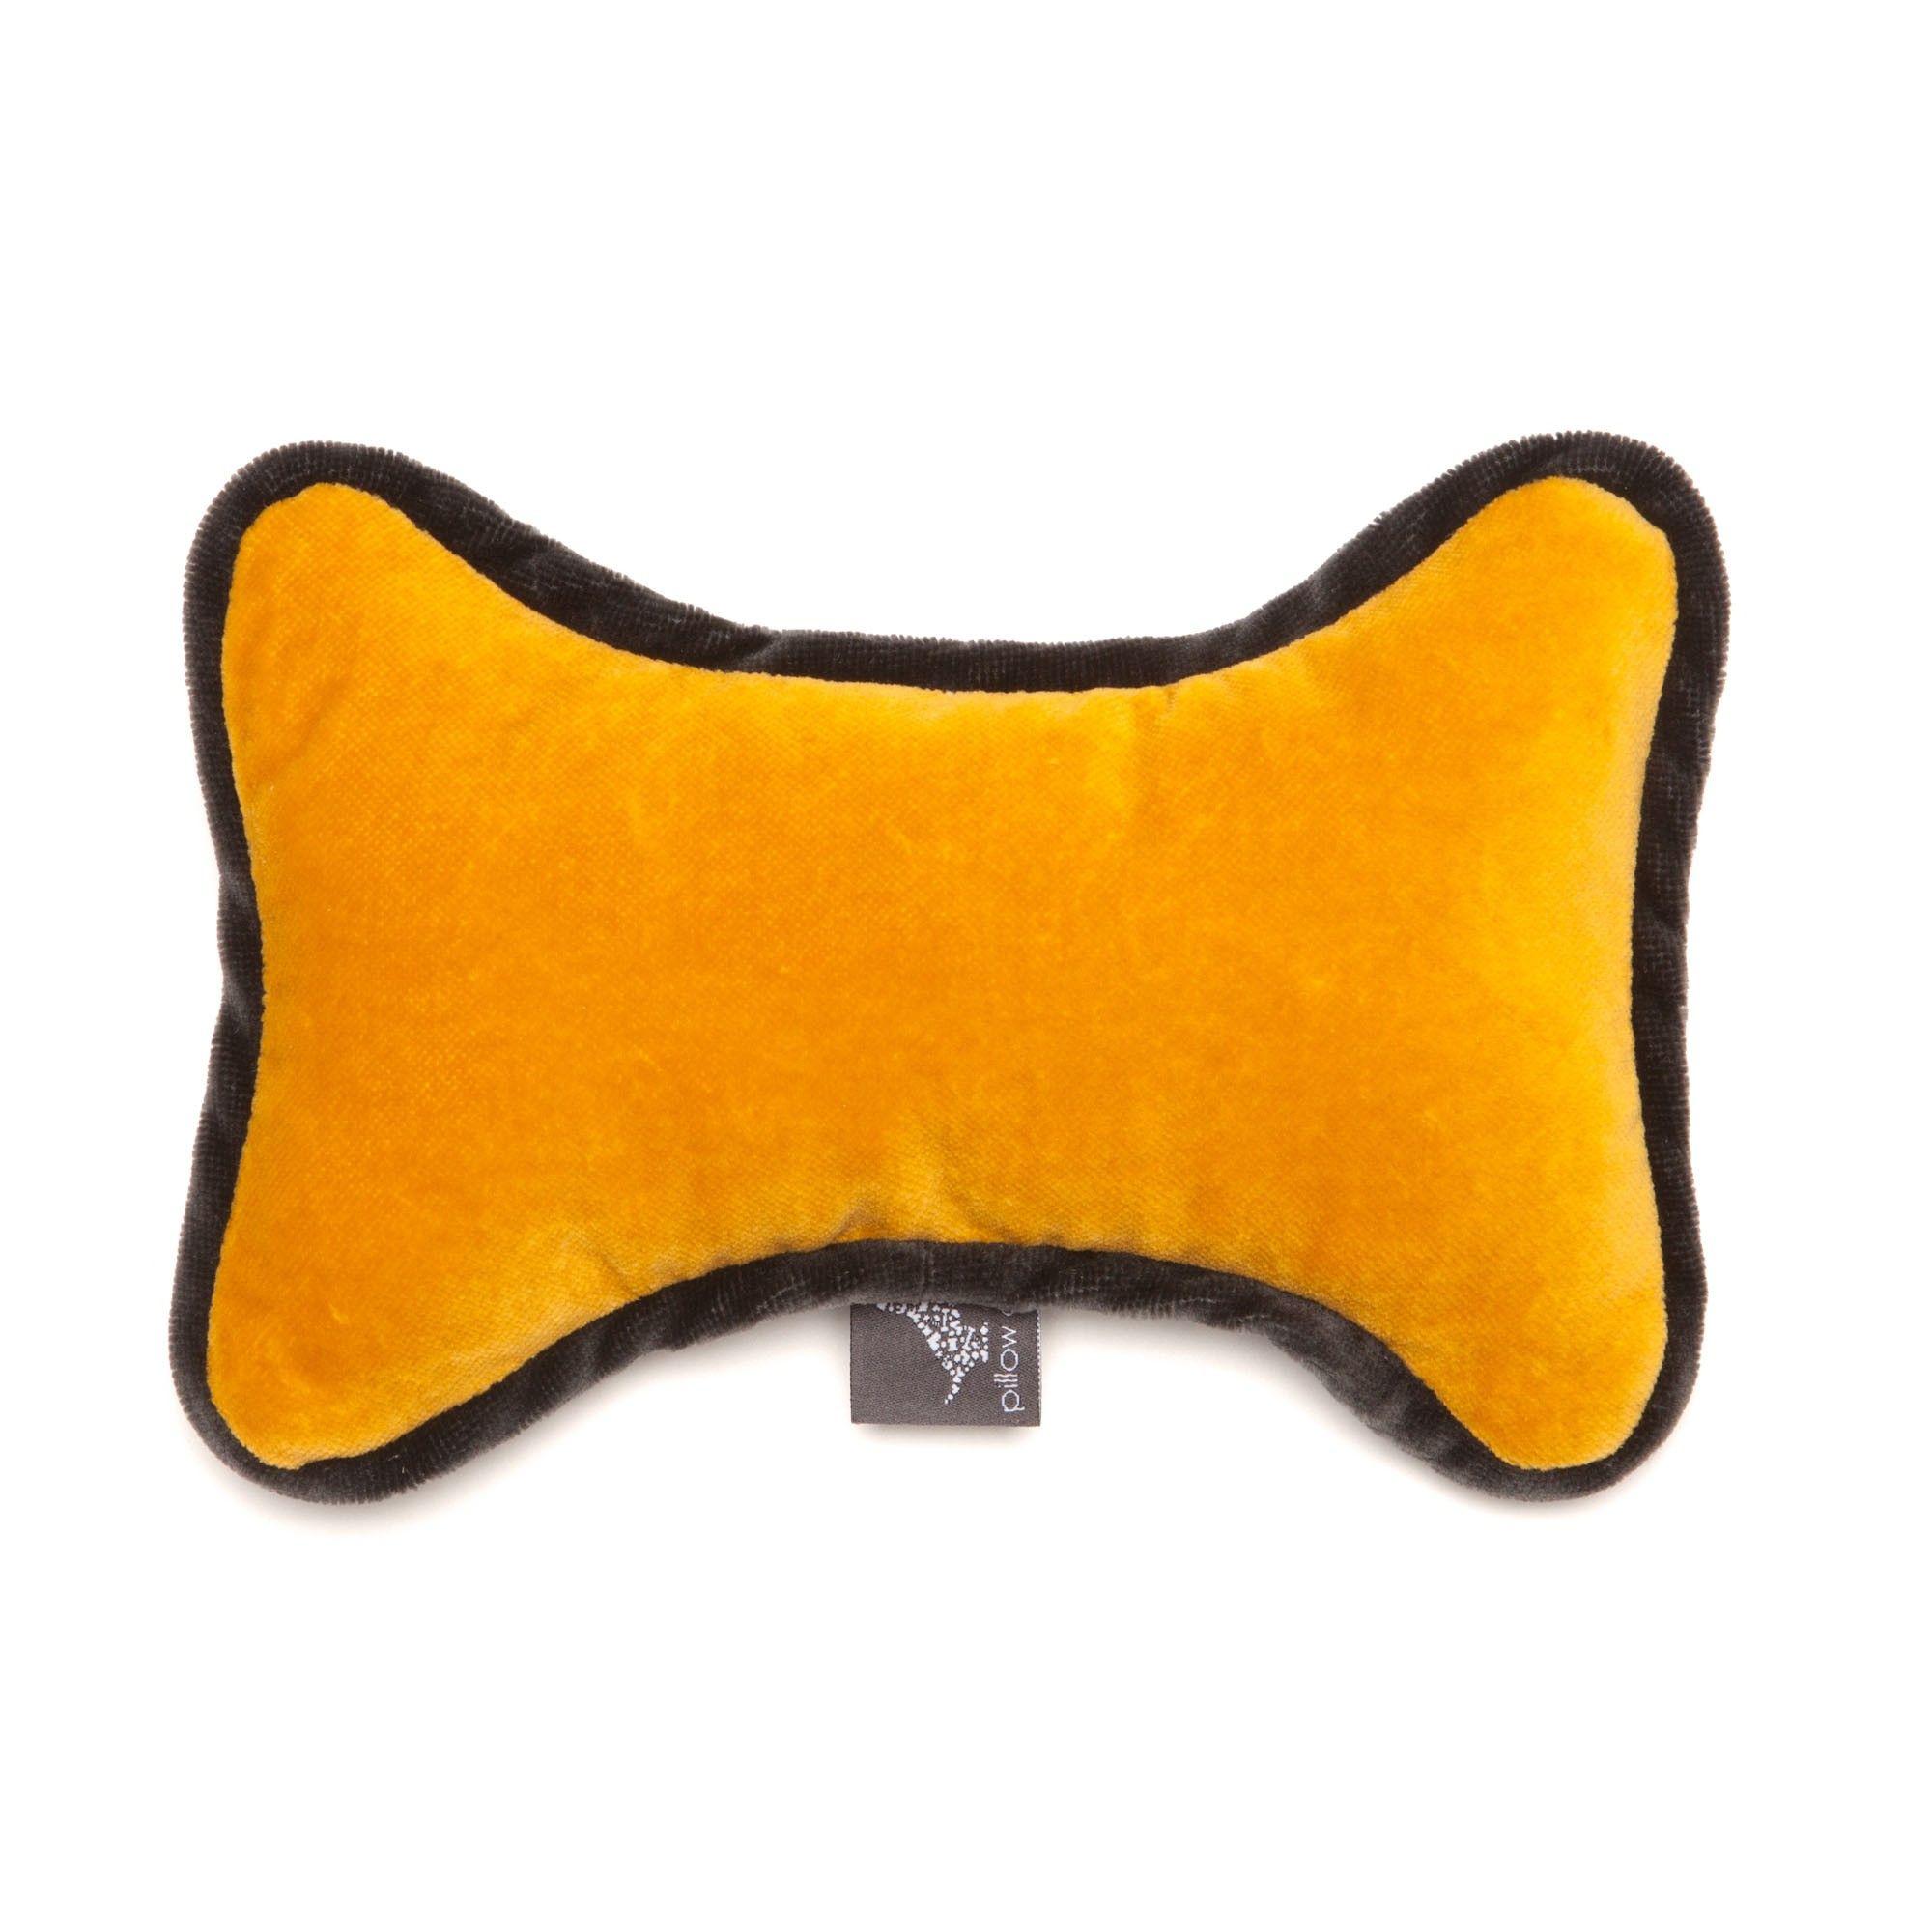 Bone Toy Monogramm Yellow Made Of Dark Gray And Yellow